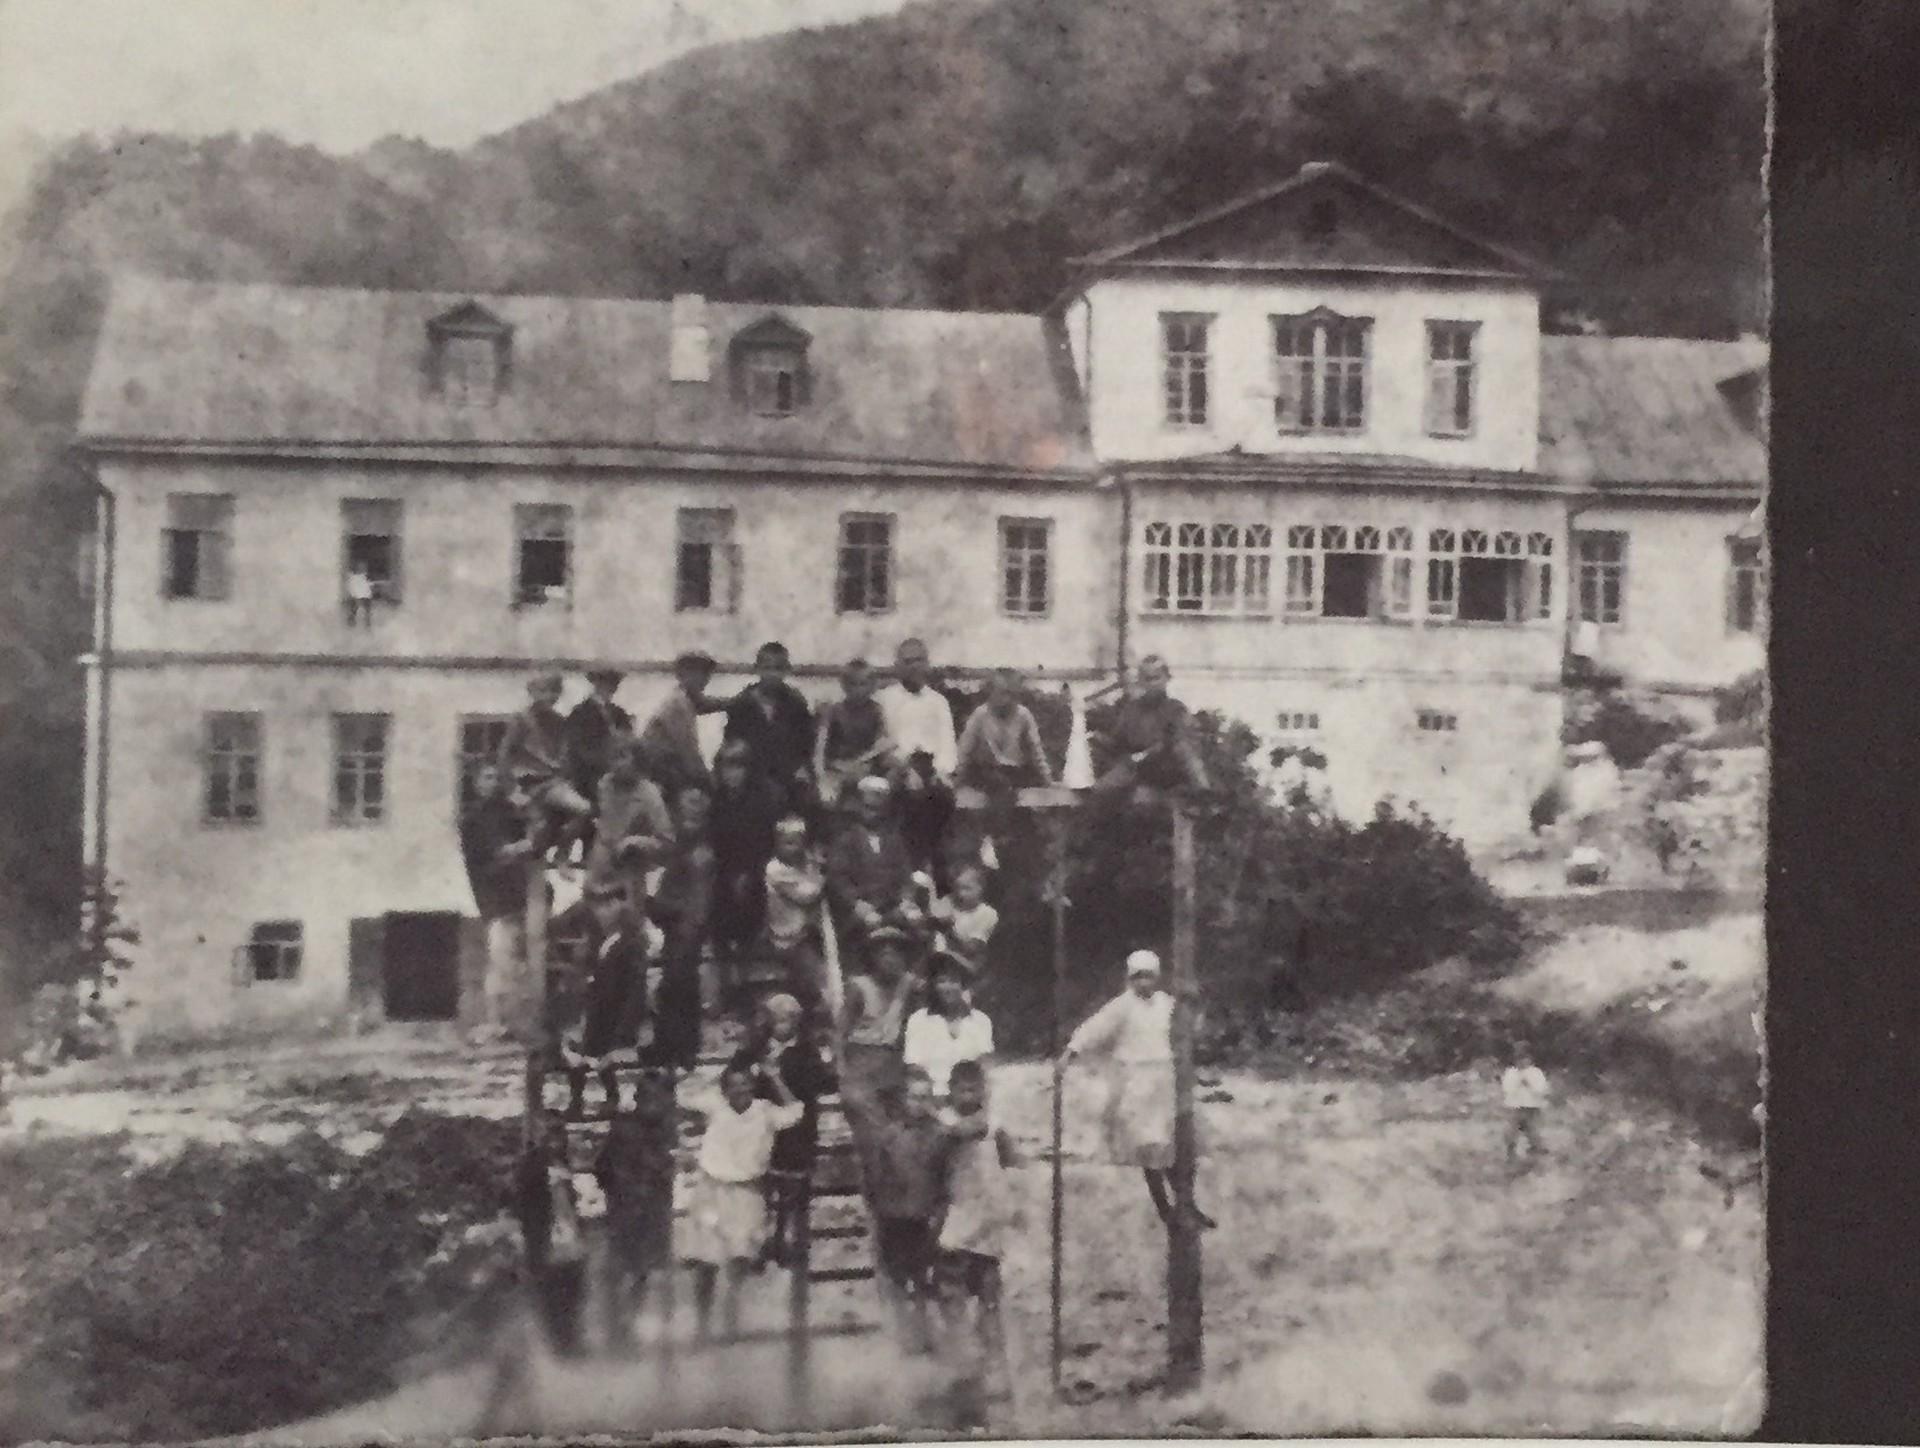 Grupo de pioneros (sin identificar) en la residencia de Beshtau. (Año desconocido).